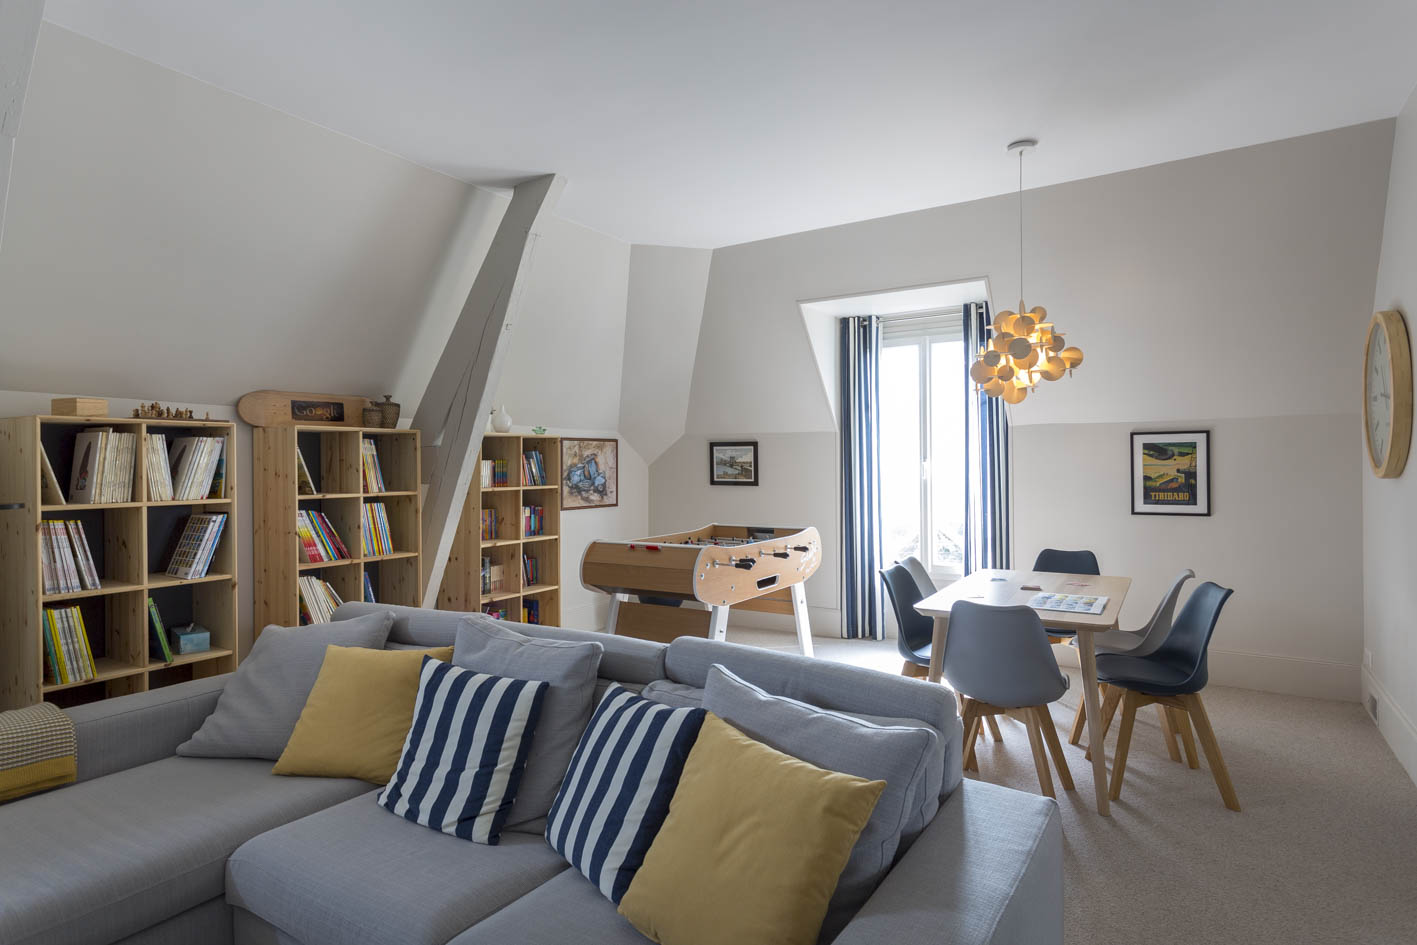 Décoration intérieure - Salon villa paris